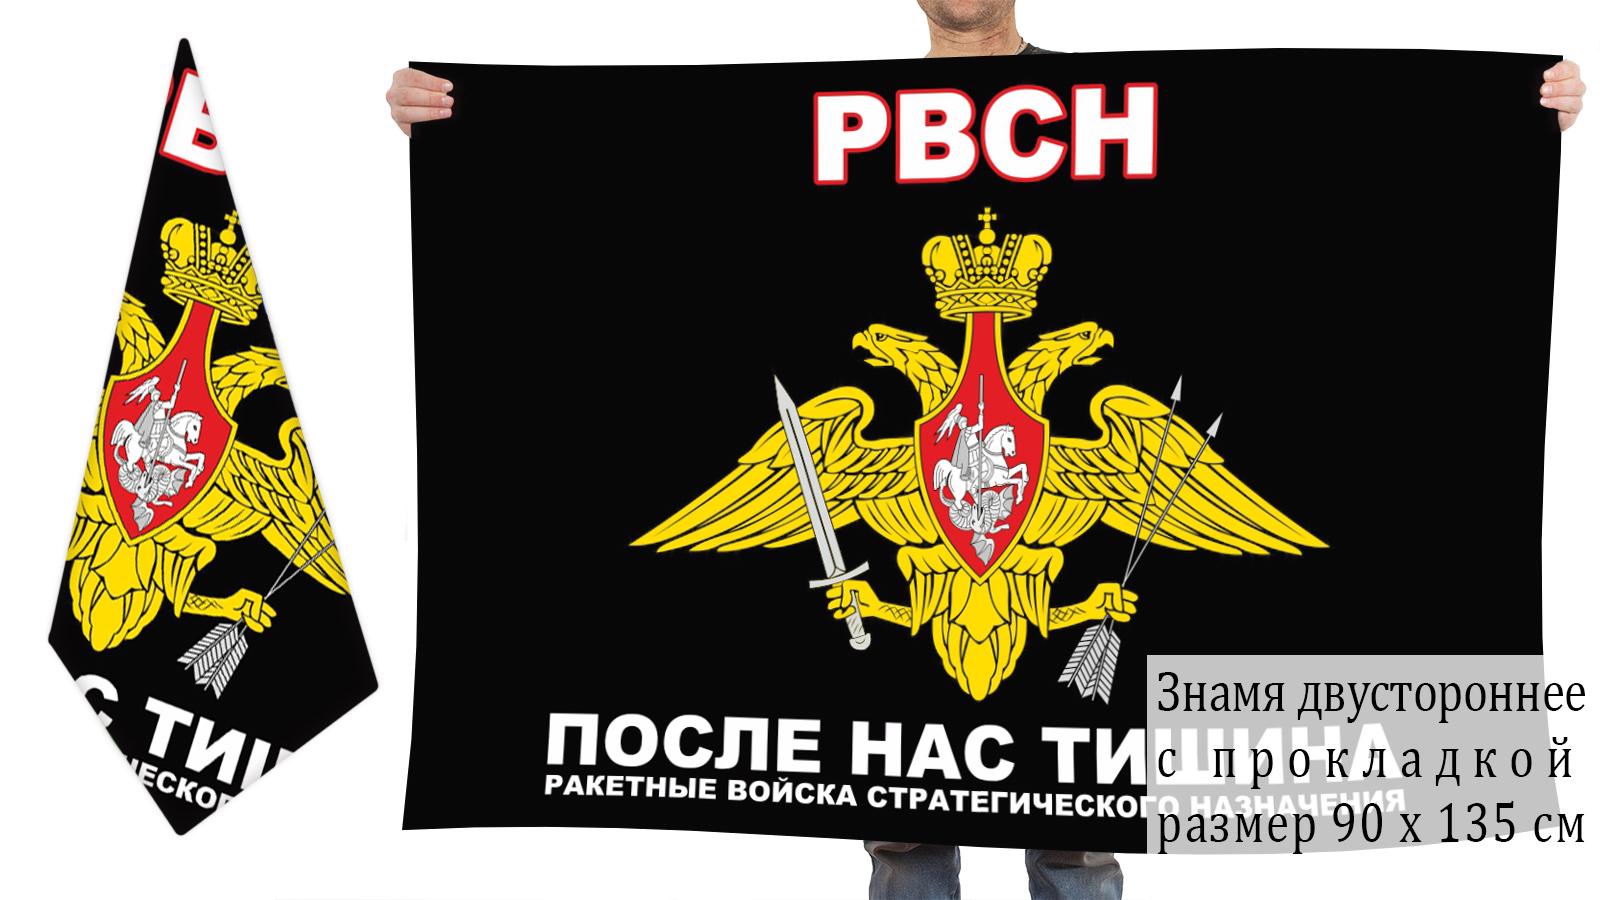 Двухсторонний флаг Ракетных войск стратегического назначения «После нас тишина»